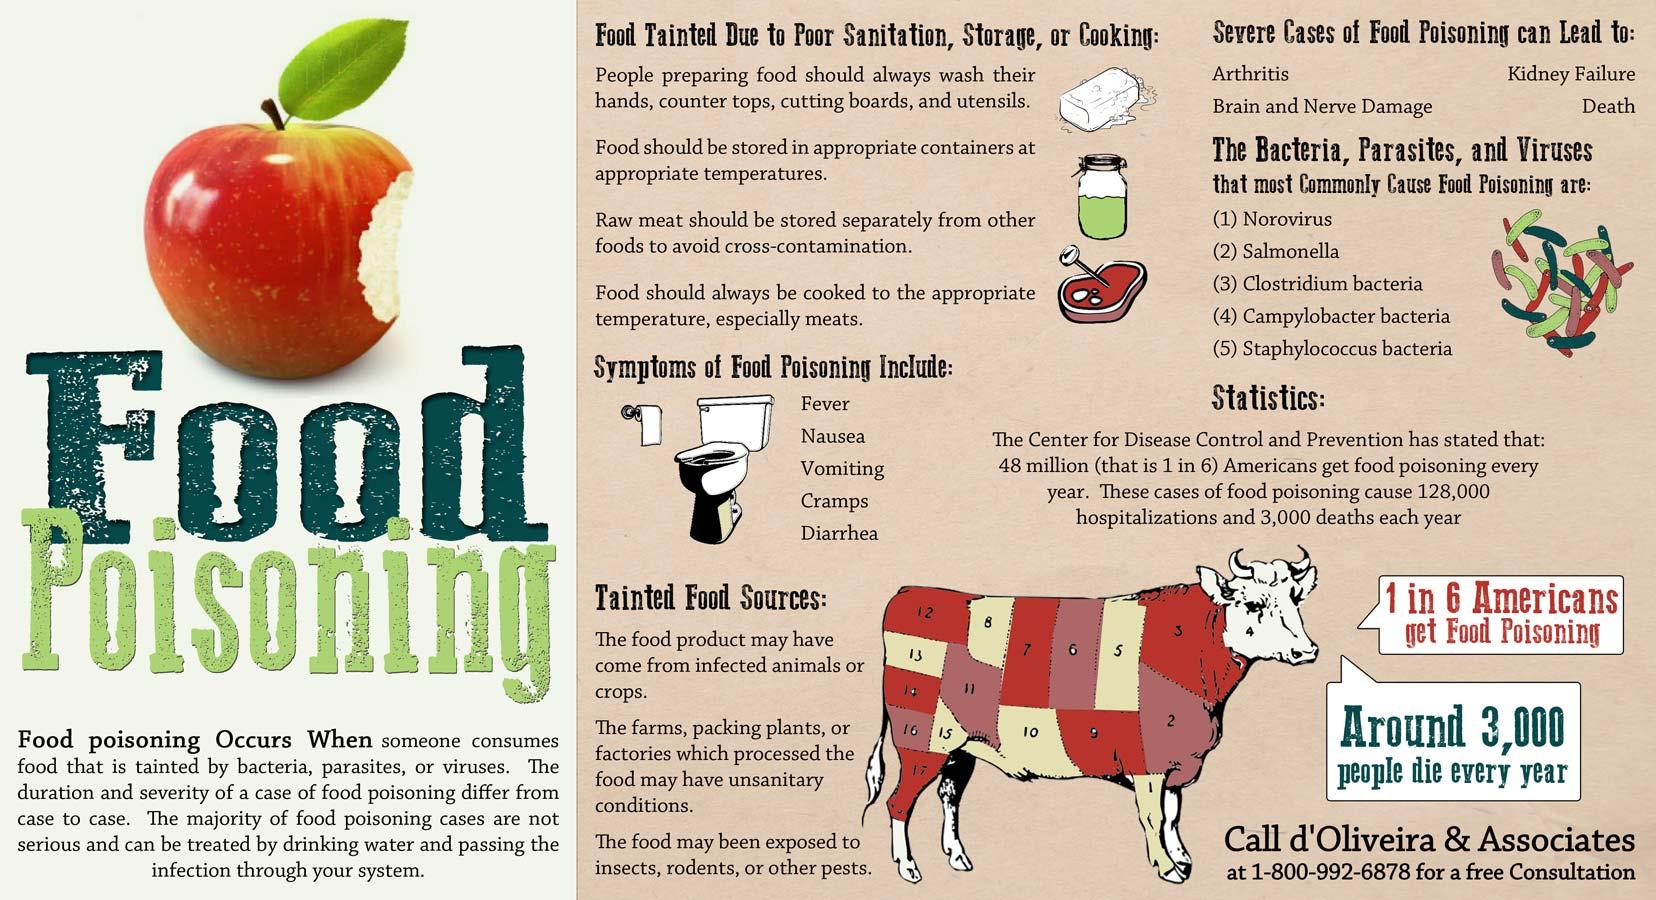 foodpoisoninglawyertaintedfoodandsymptomsoffoodpoisoninginfographic_525e7b2b4ae41